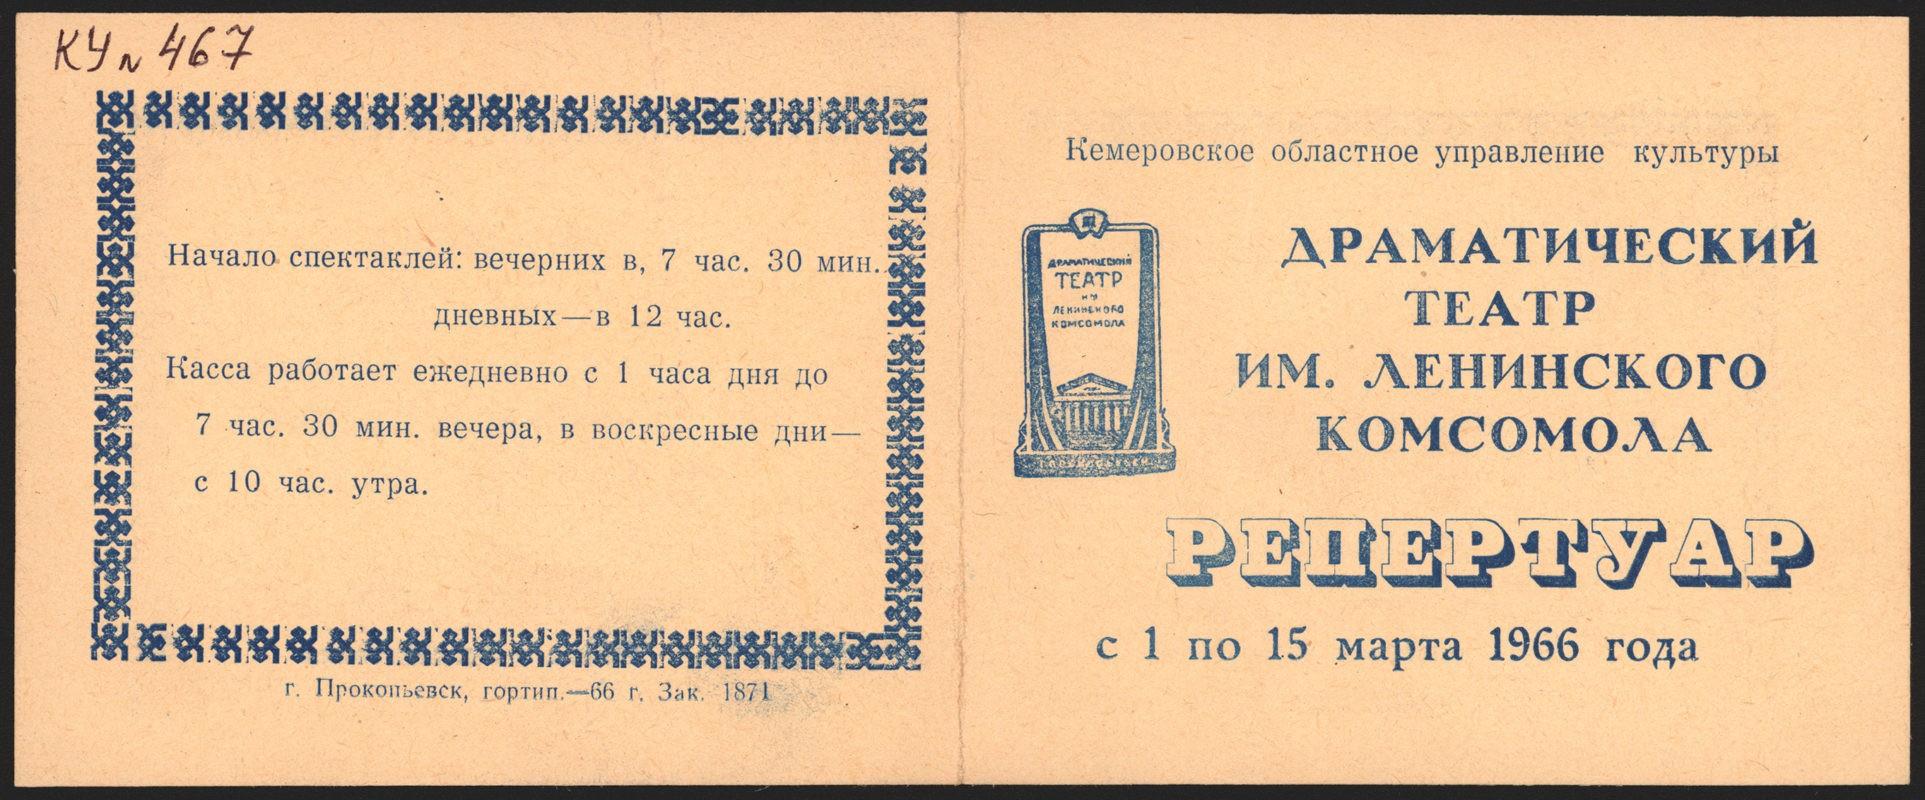 Прокопьевский драматический театр: репертуар, март 1966 г.